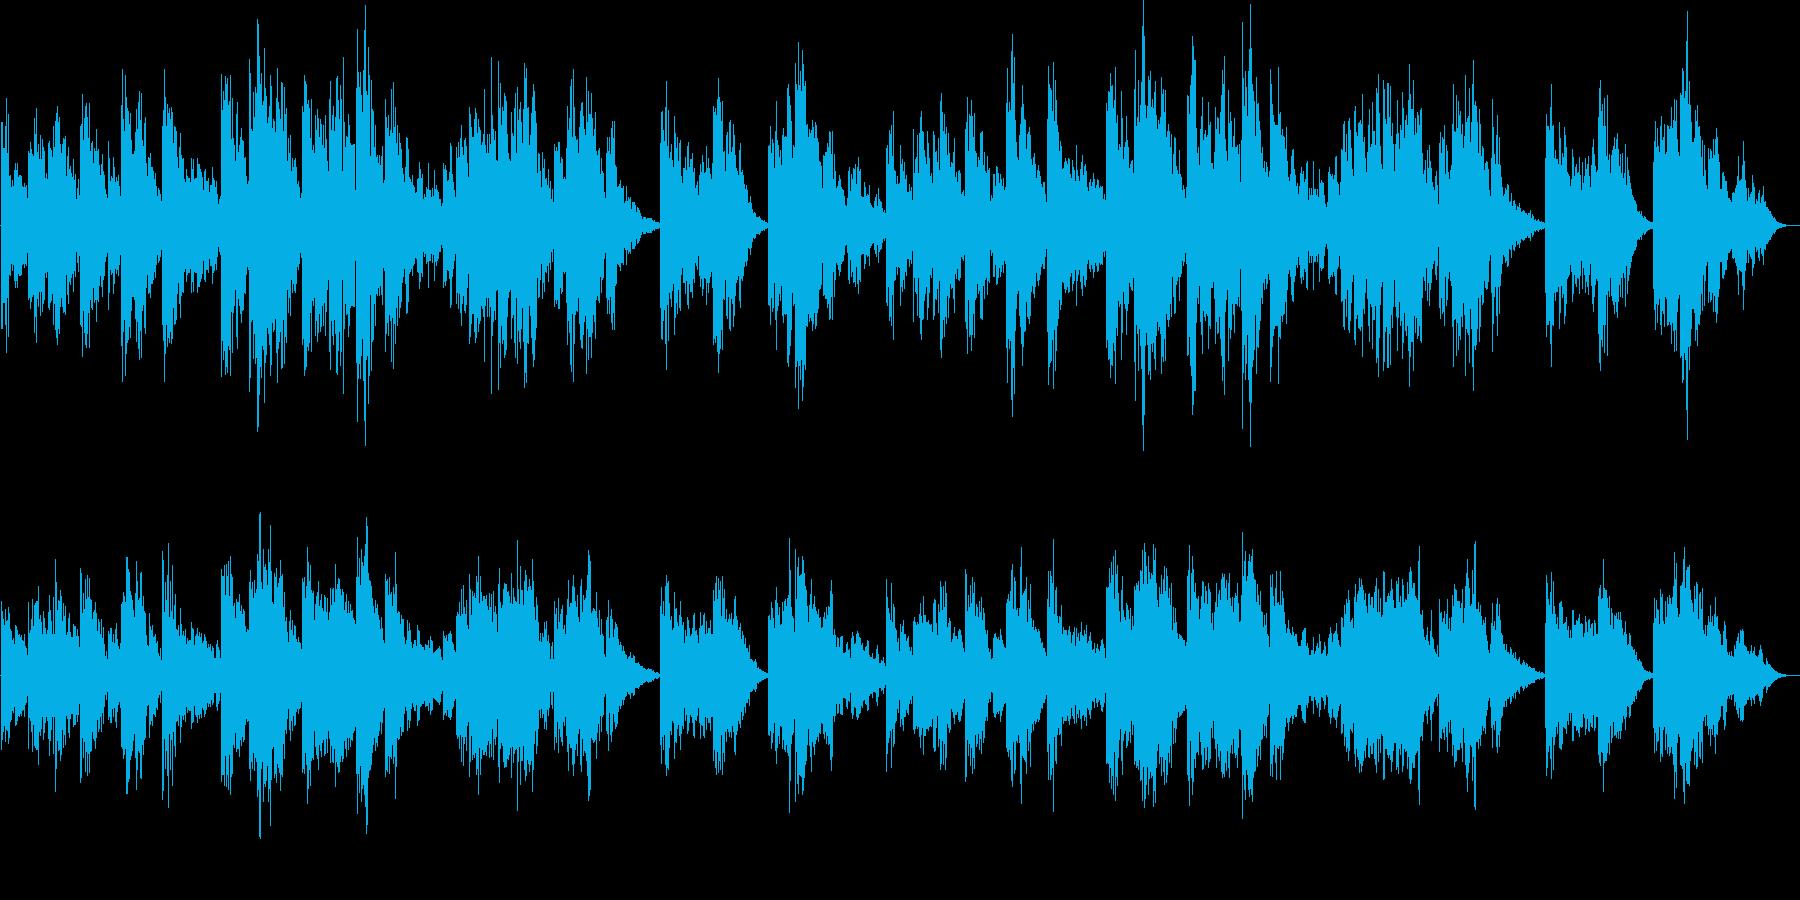 きらきら感のシンセサイザーサウンドの再生済みの波形